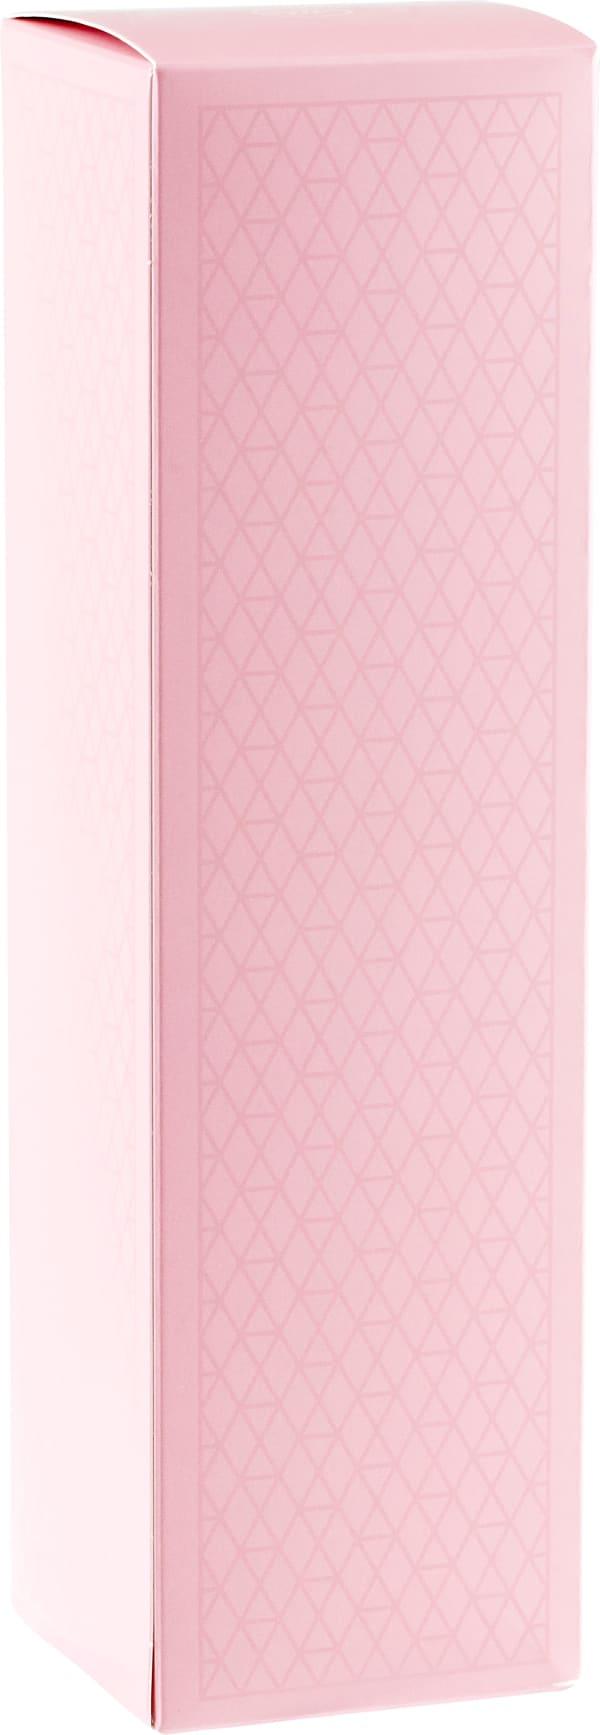 Gift box A-net, Blush